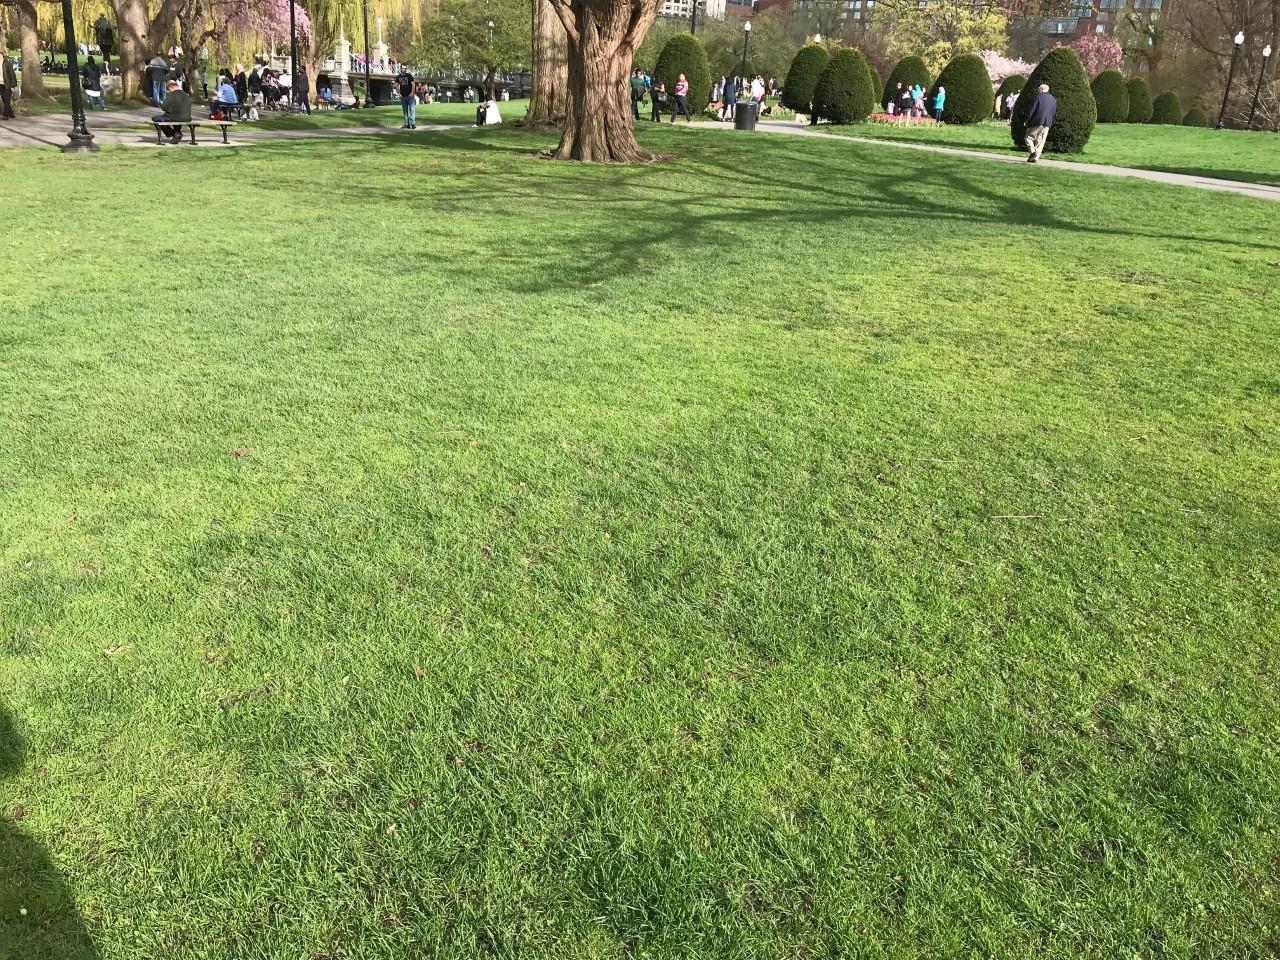 renewlal grass II.jpg